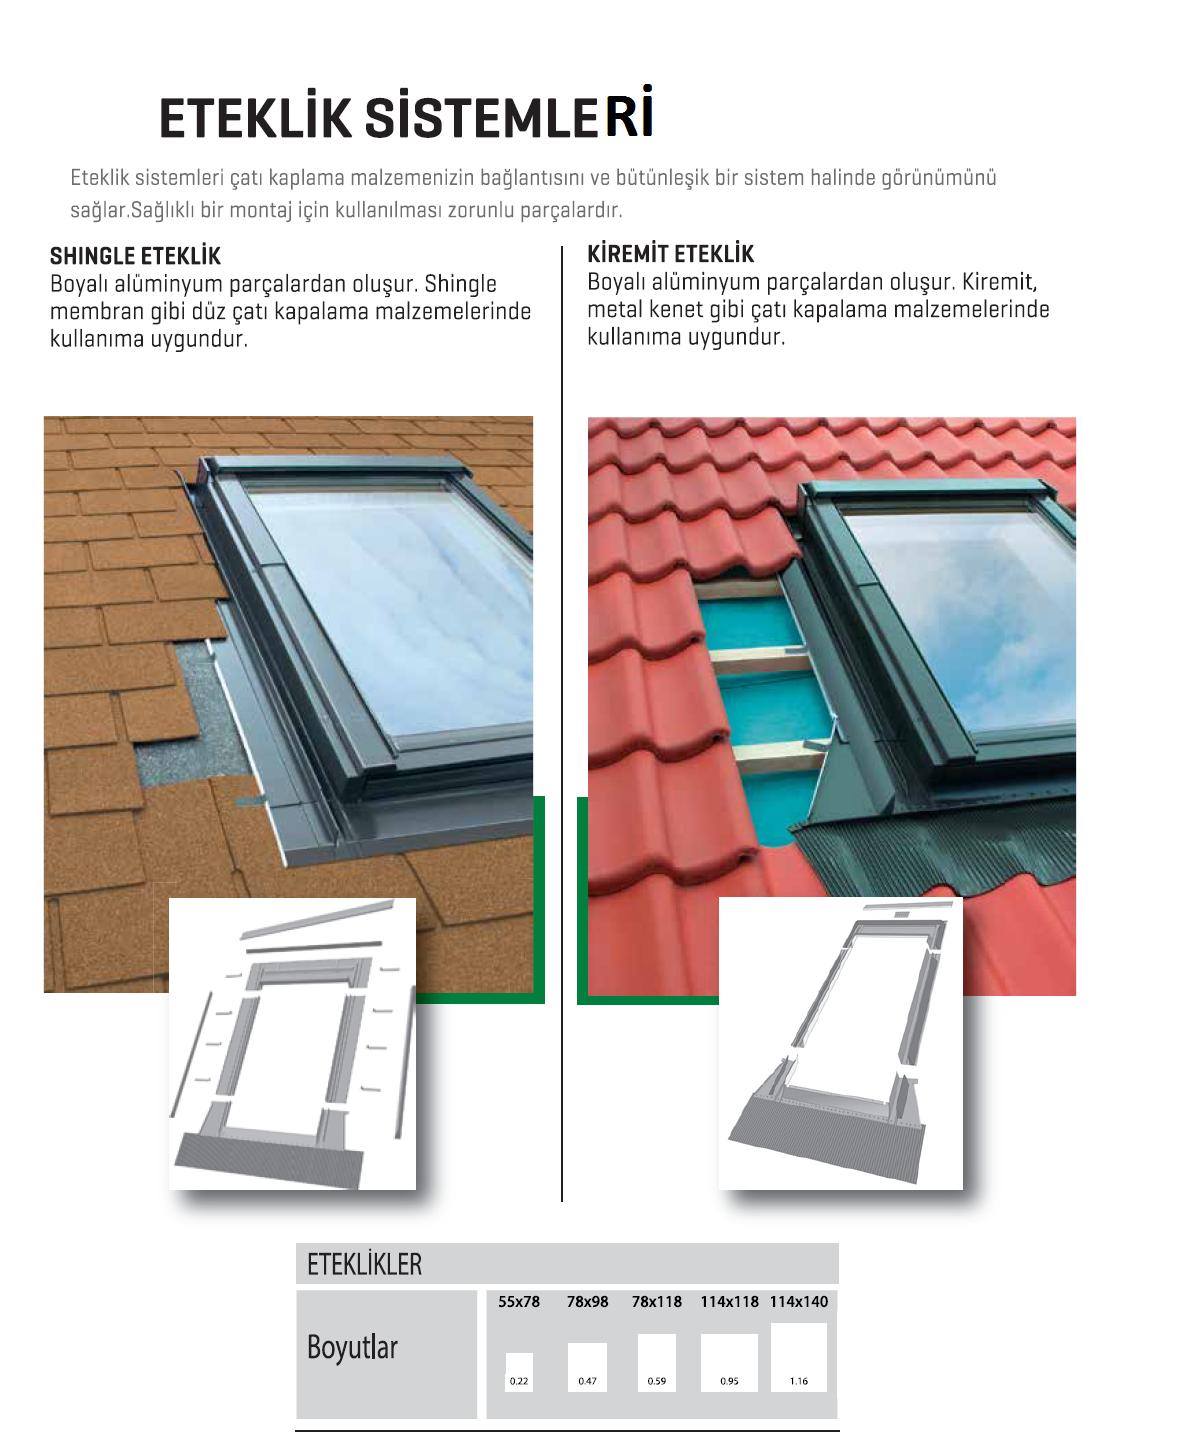 teras çatı penceresi eteklikleri